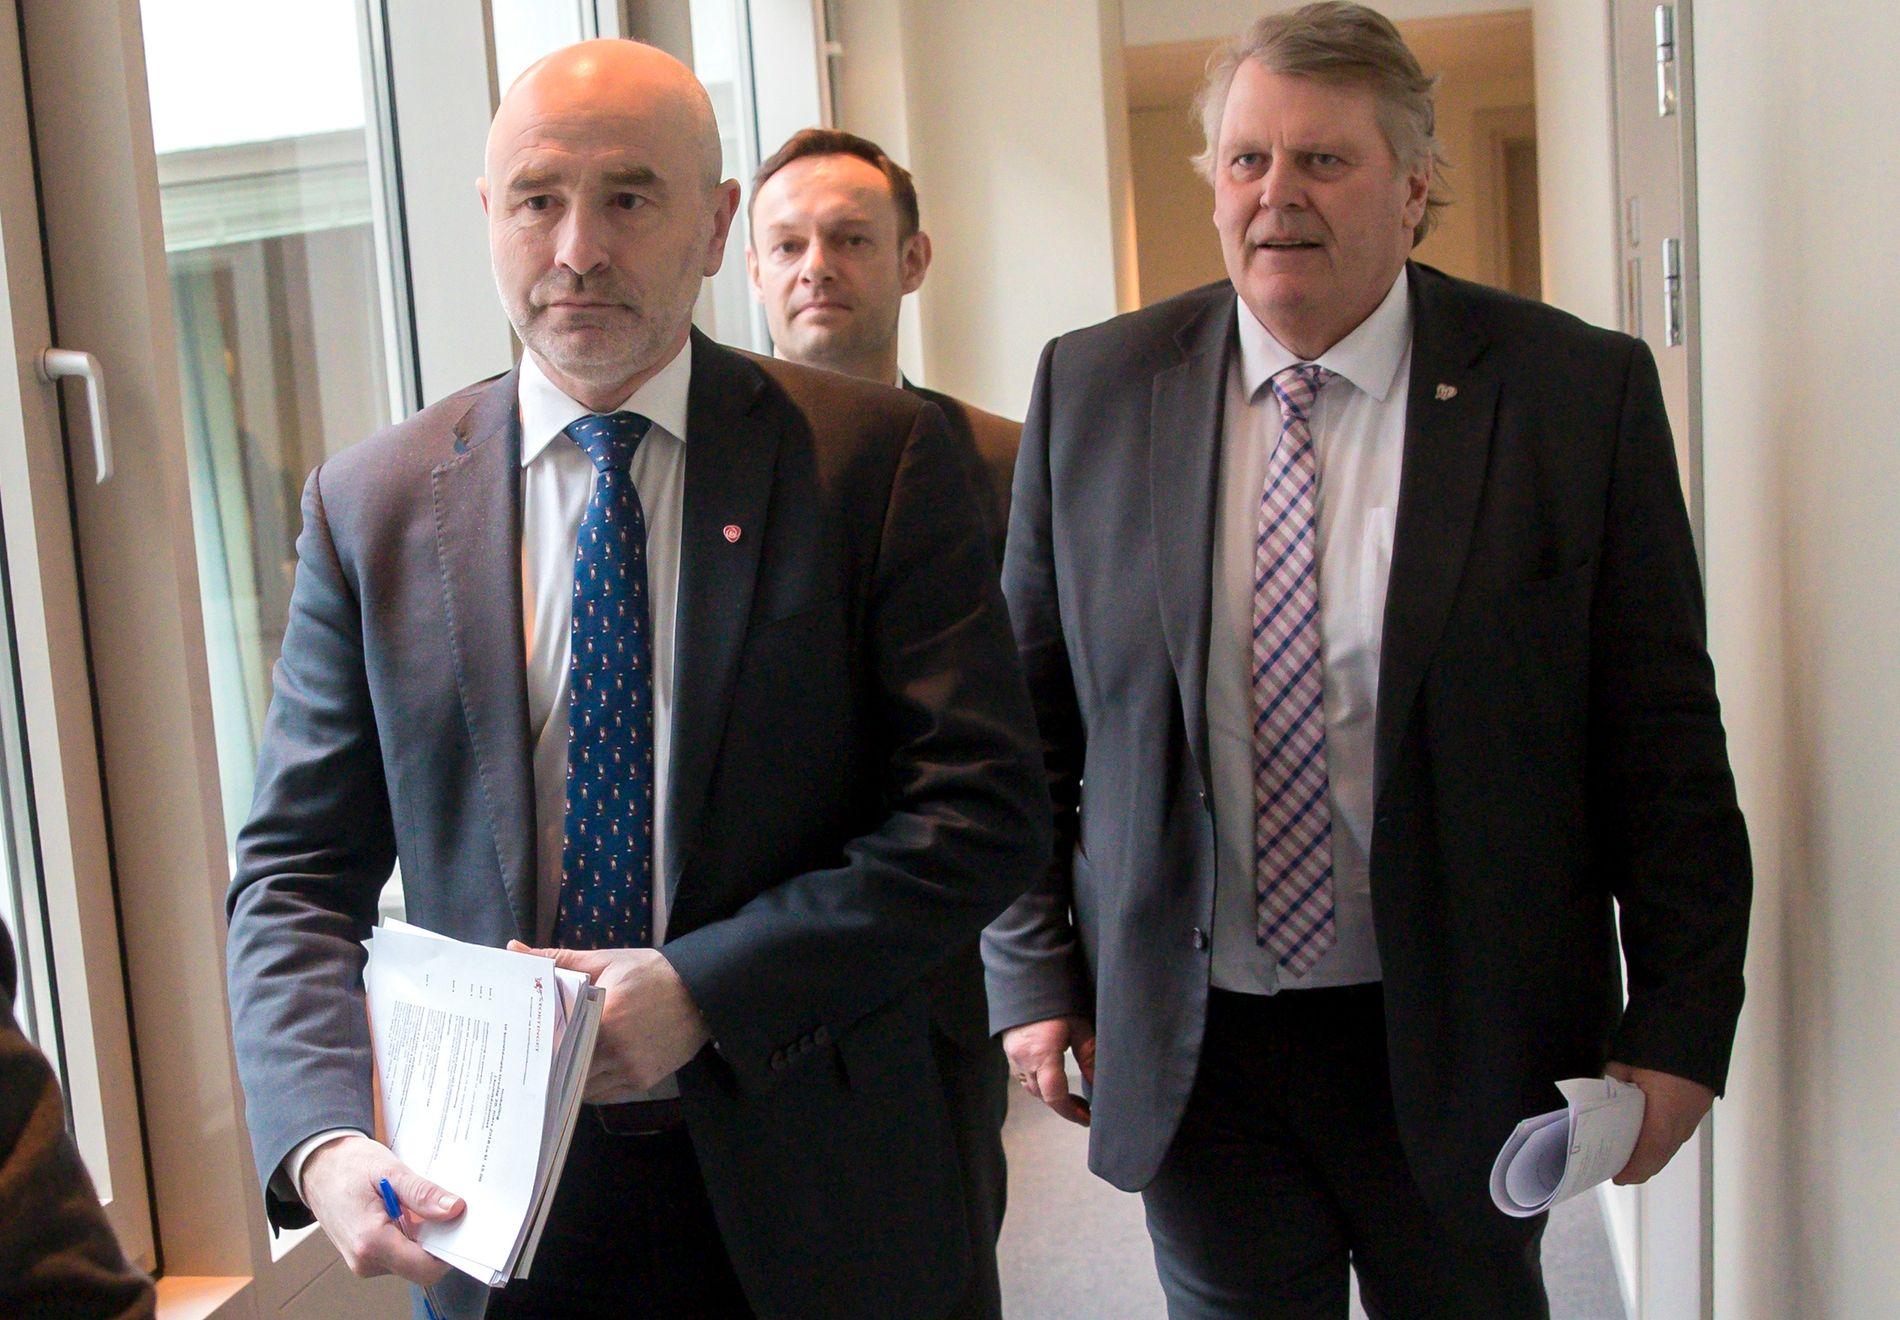 KALLER INN STATSMINISTEREN IGJEN: En samlet kontrollkomite, er ved leder Dag Terje Andersen (Ap), Torgeir Knag Fylkeses (SV) og Hans Fredrik Grøvan (KrF).